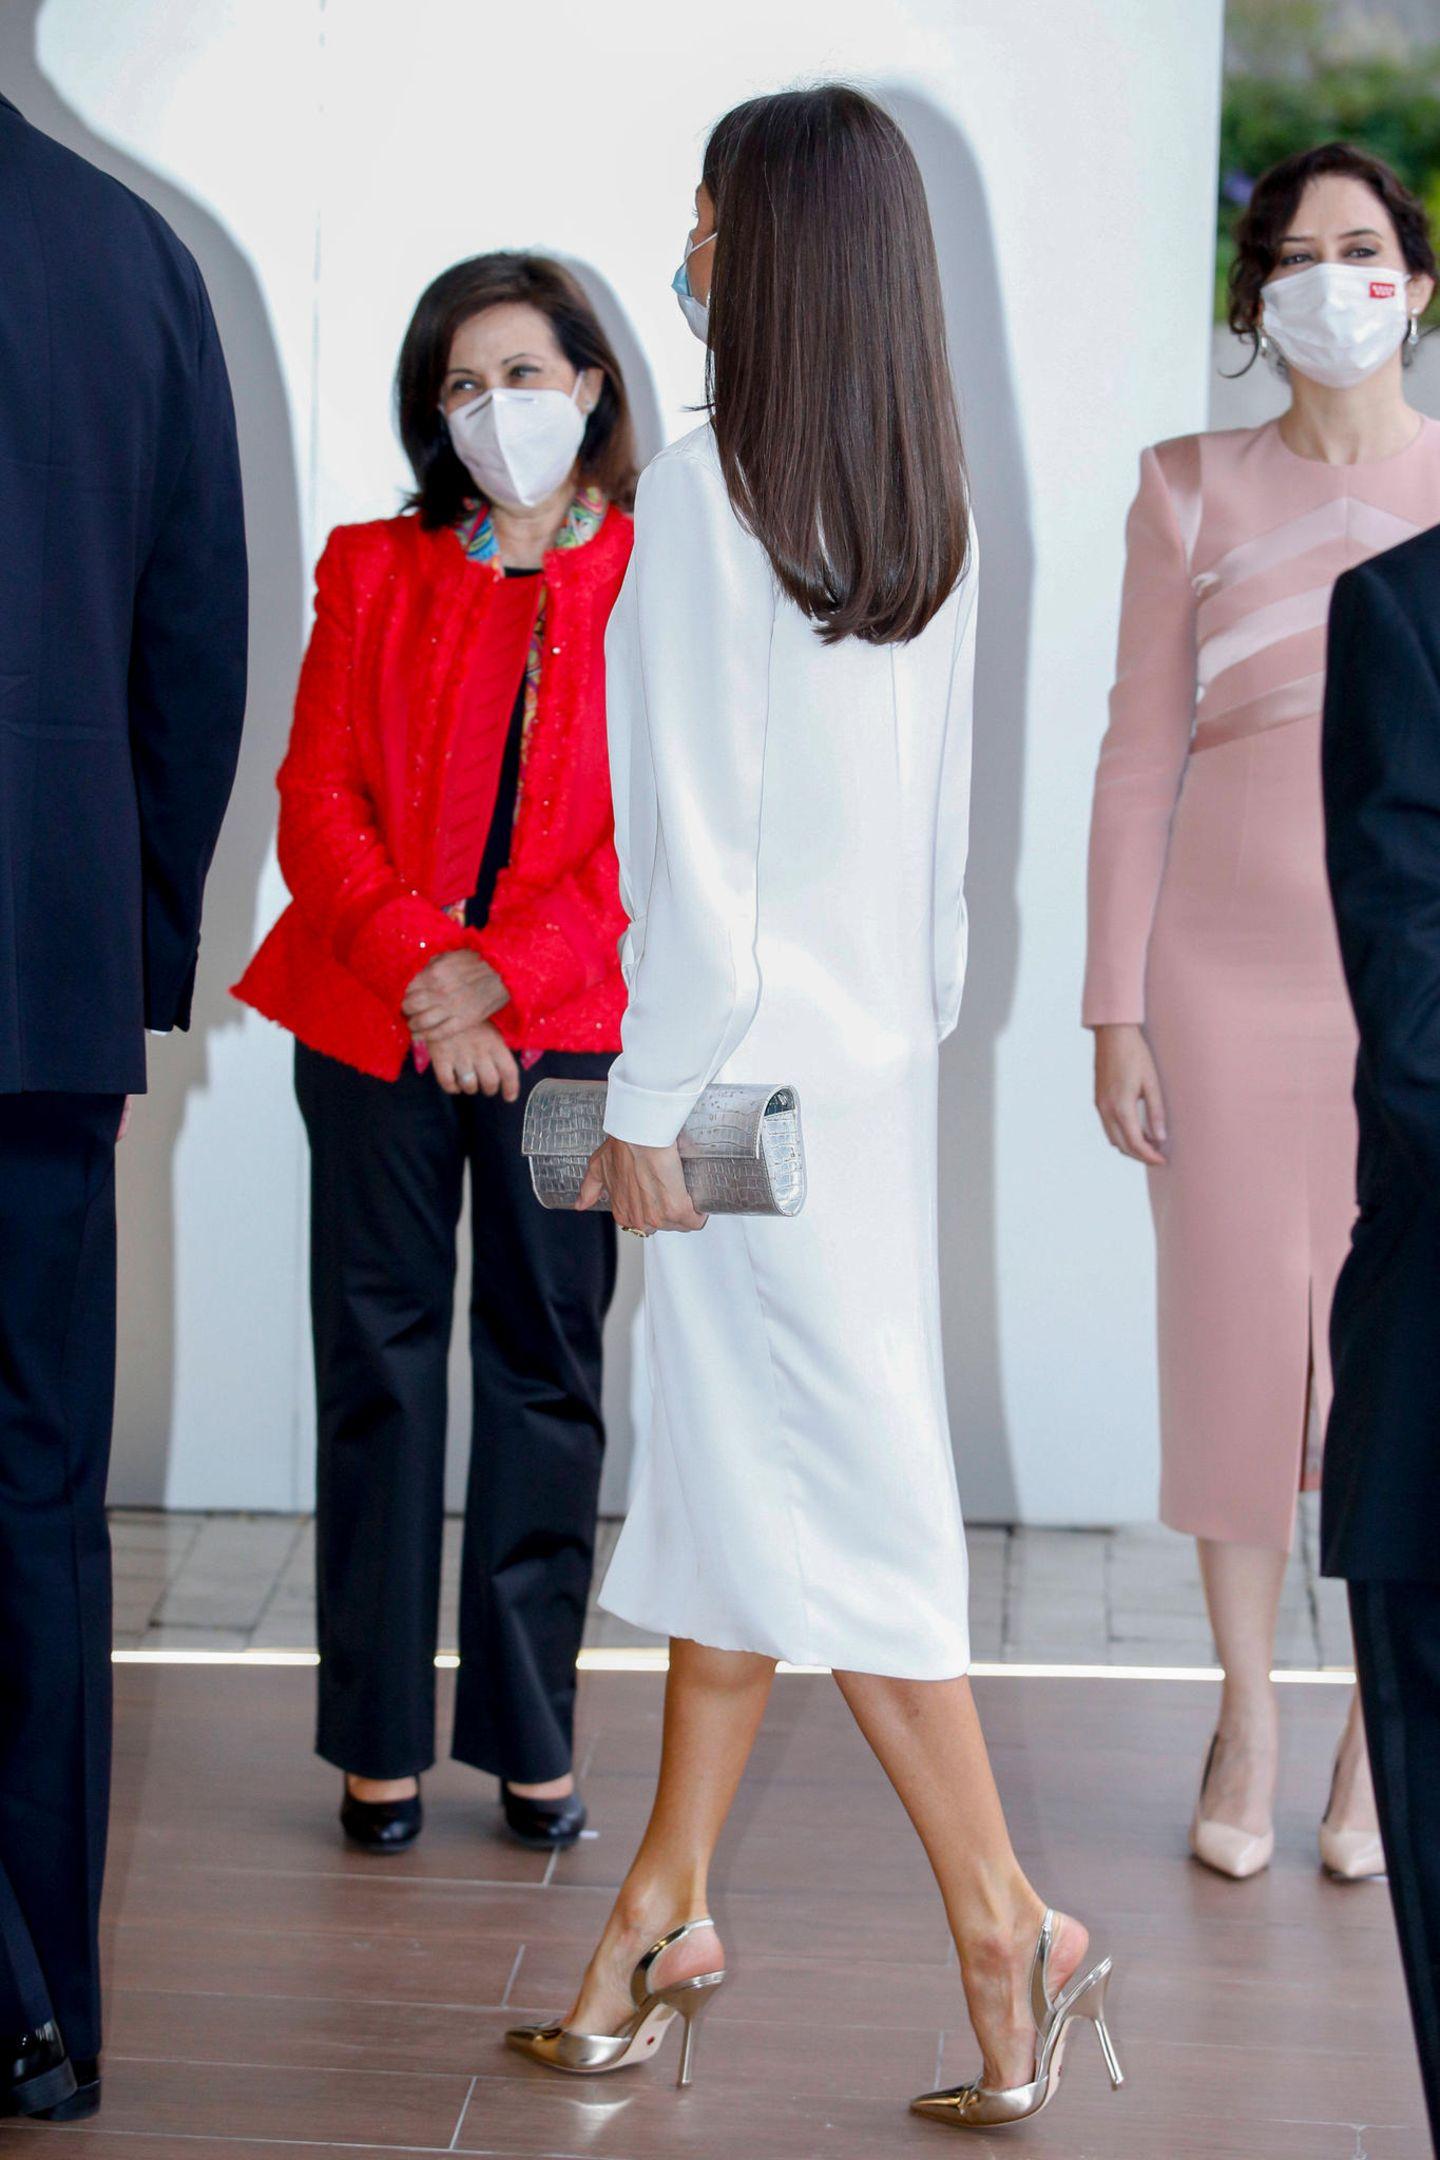 Hier setzt die Königin wie gewohnt auf ein ganz besonders auffälliges Modell. Die metallischen Sling Backs machen ihr schlichtes Outfit aufregend. Das sind die Waffen einer Königin!